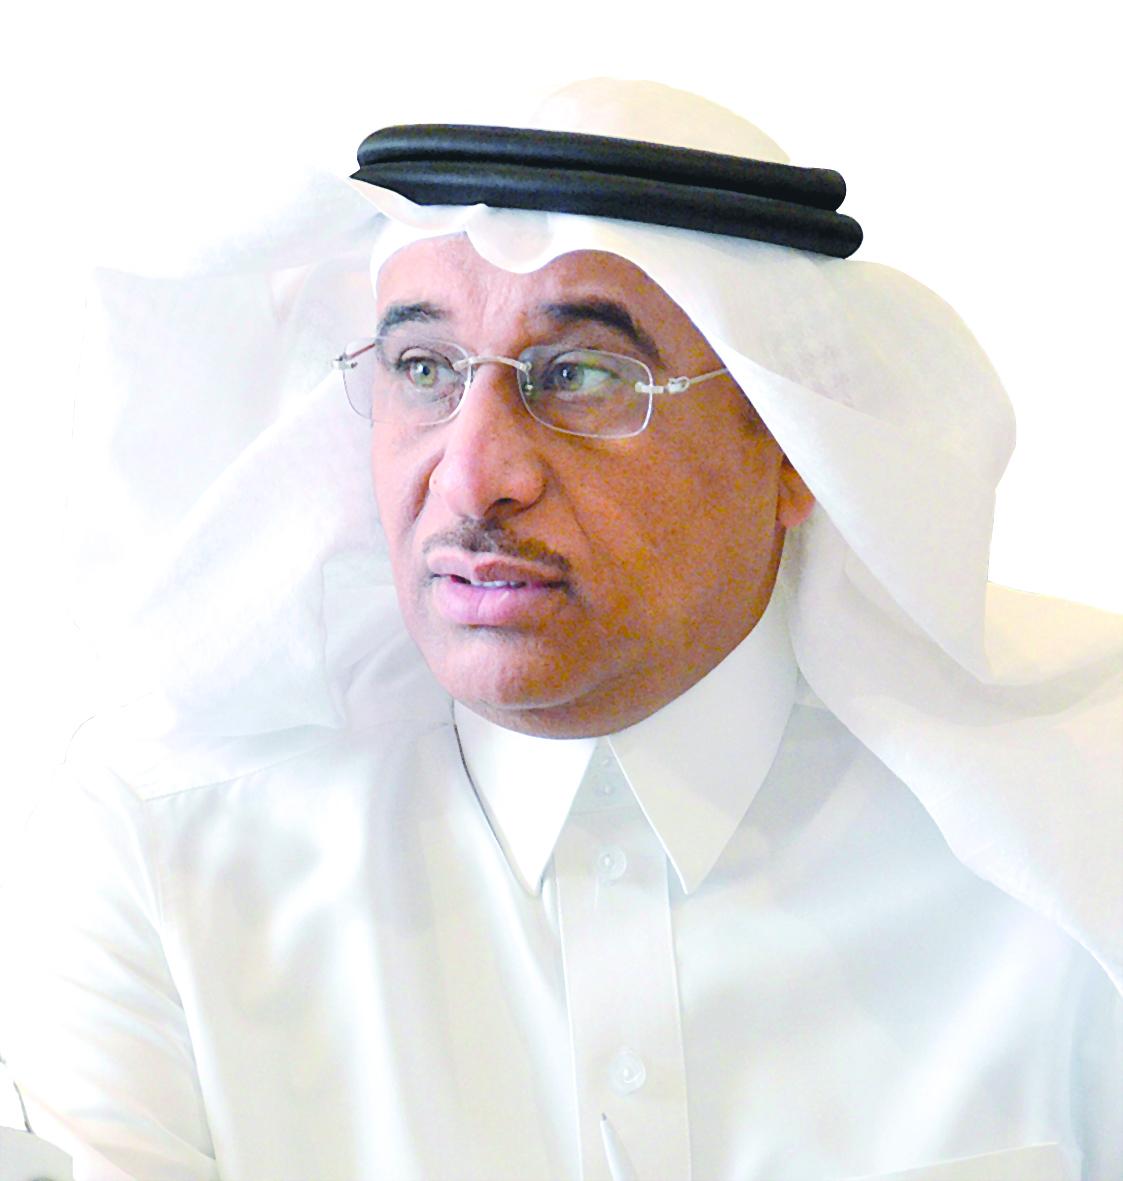 خالد الصالح رئيس لجنة العقار والإسكان بالغرفة